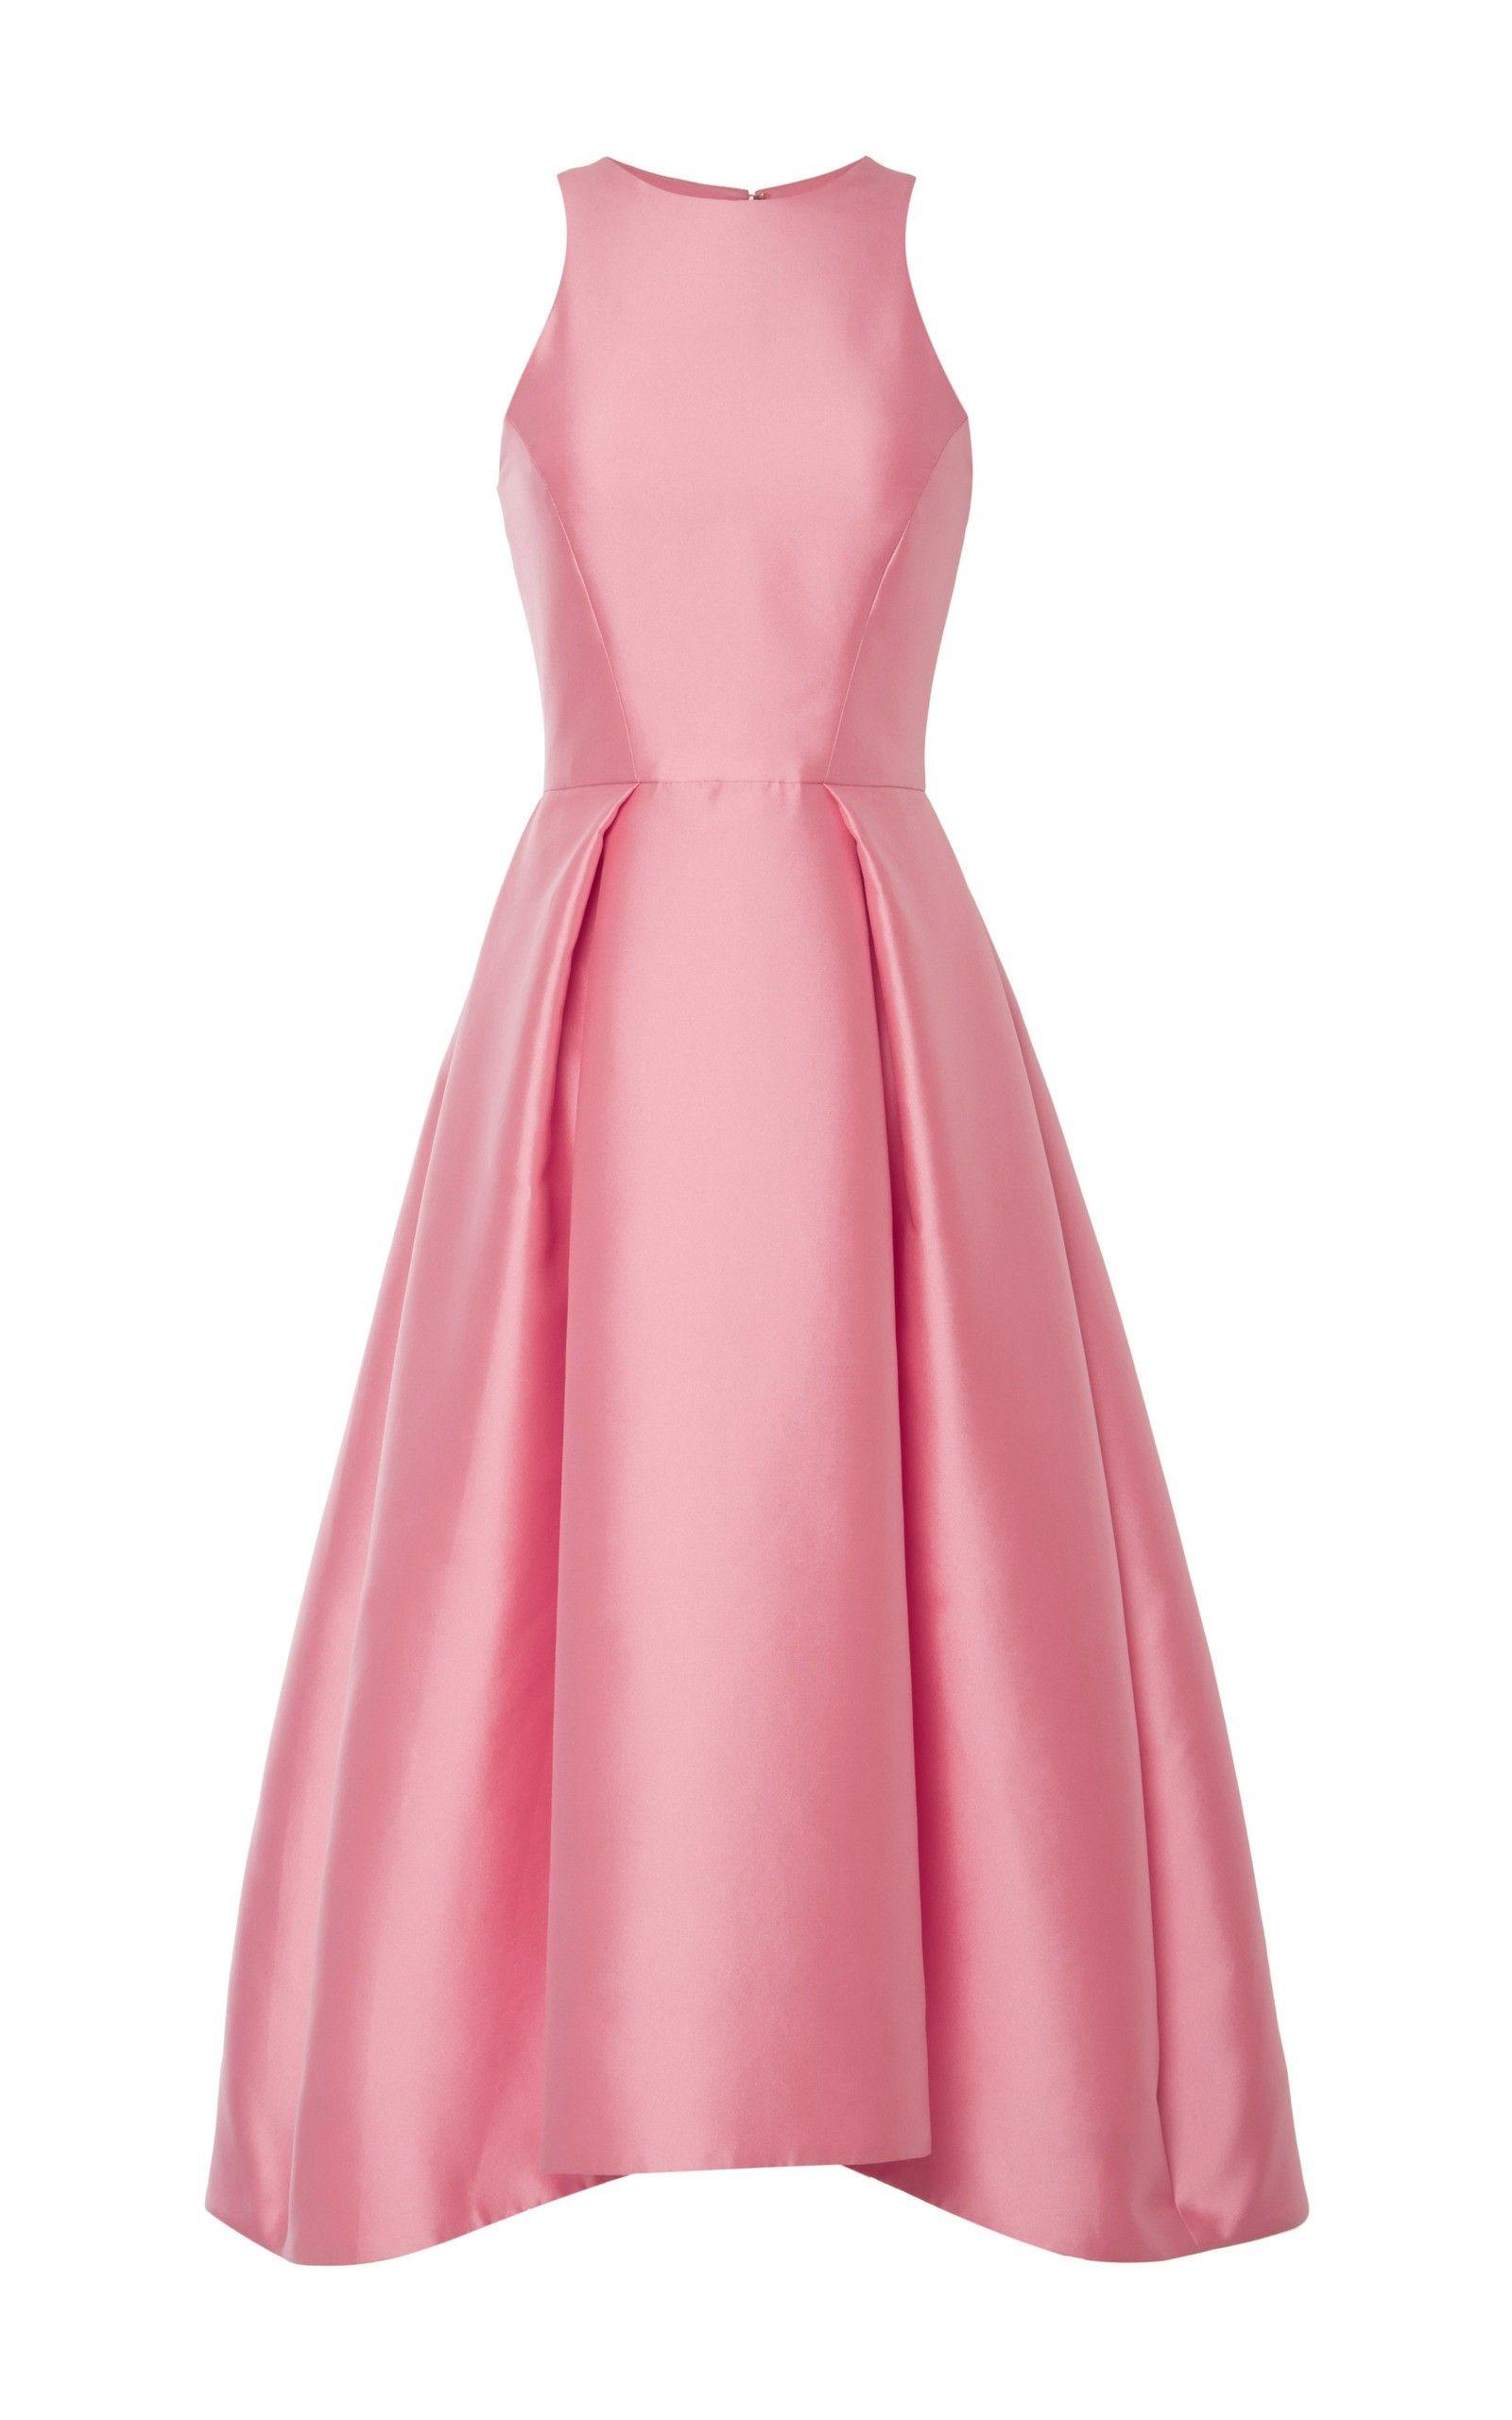 Silk Mikado Structured Midi Dress Fashion Gowns Nice Dresses Elegant Dresses [ 2560 x 1600 Pixel ]